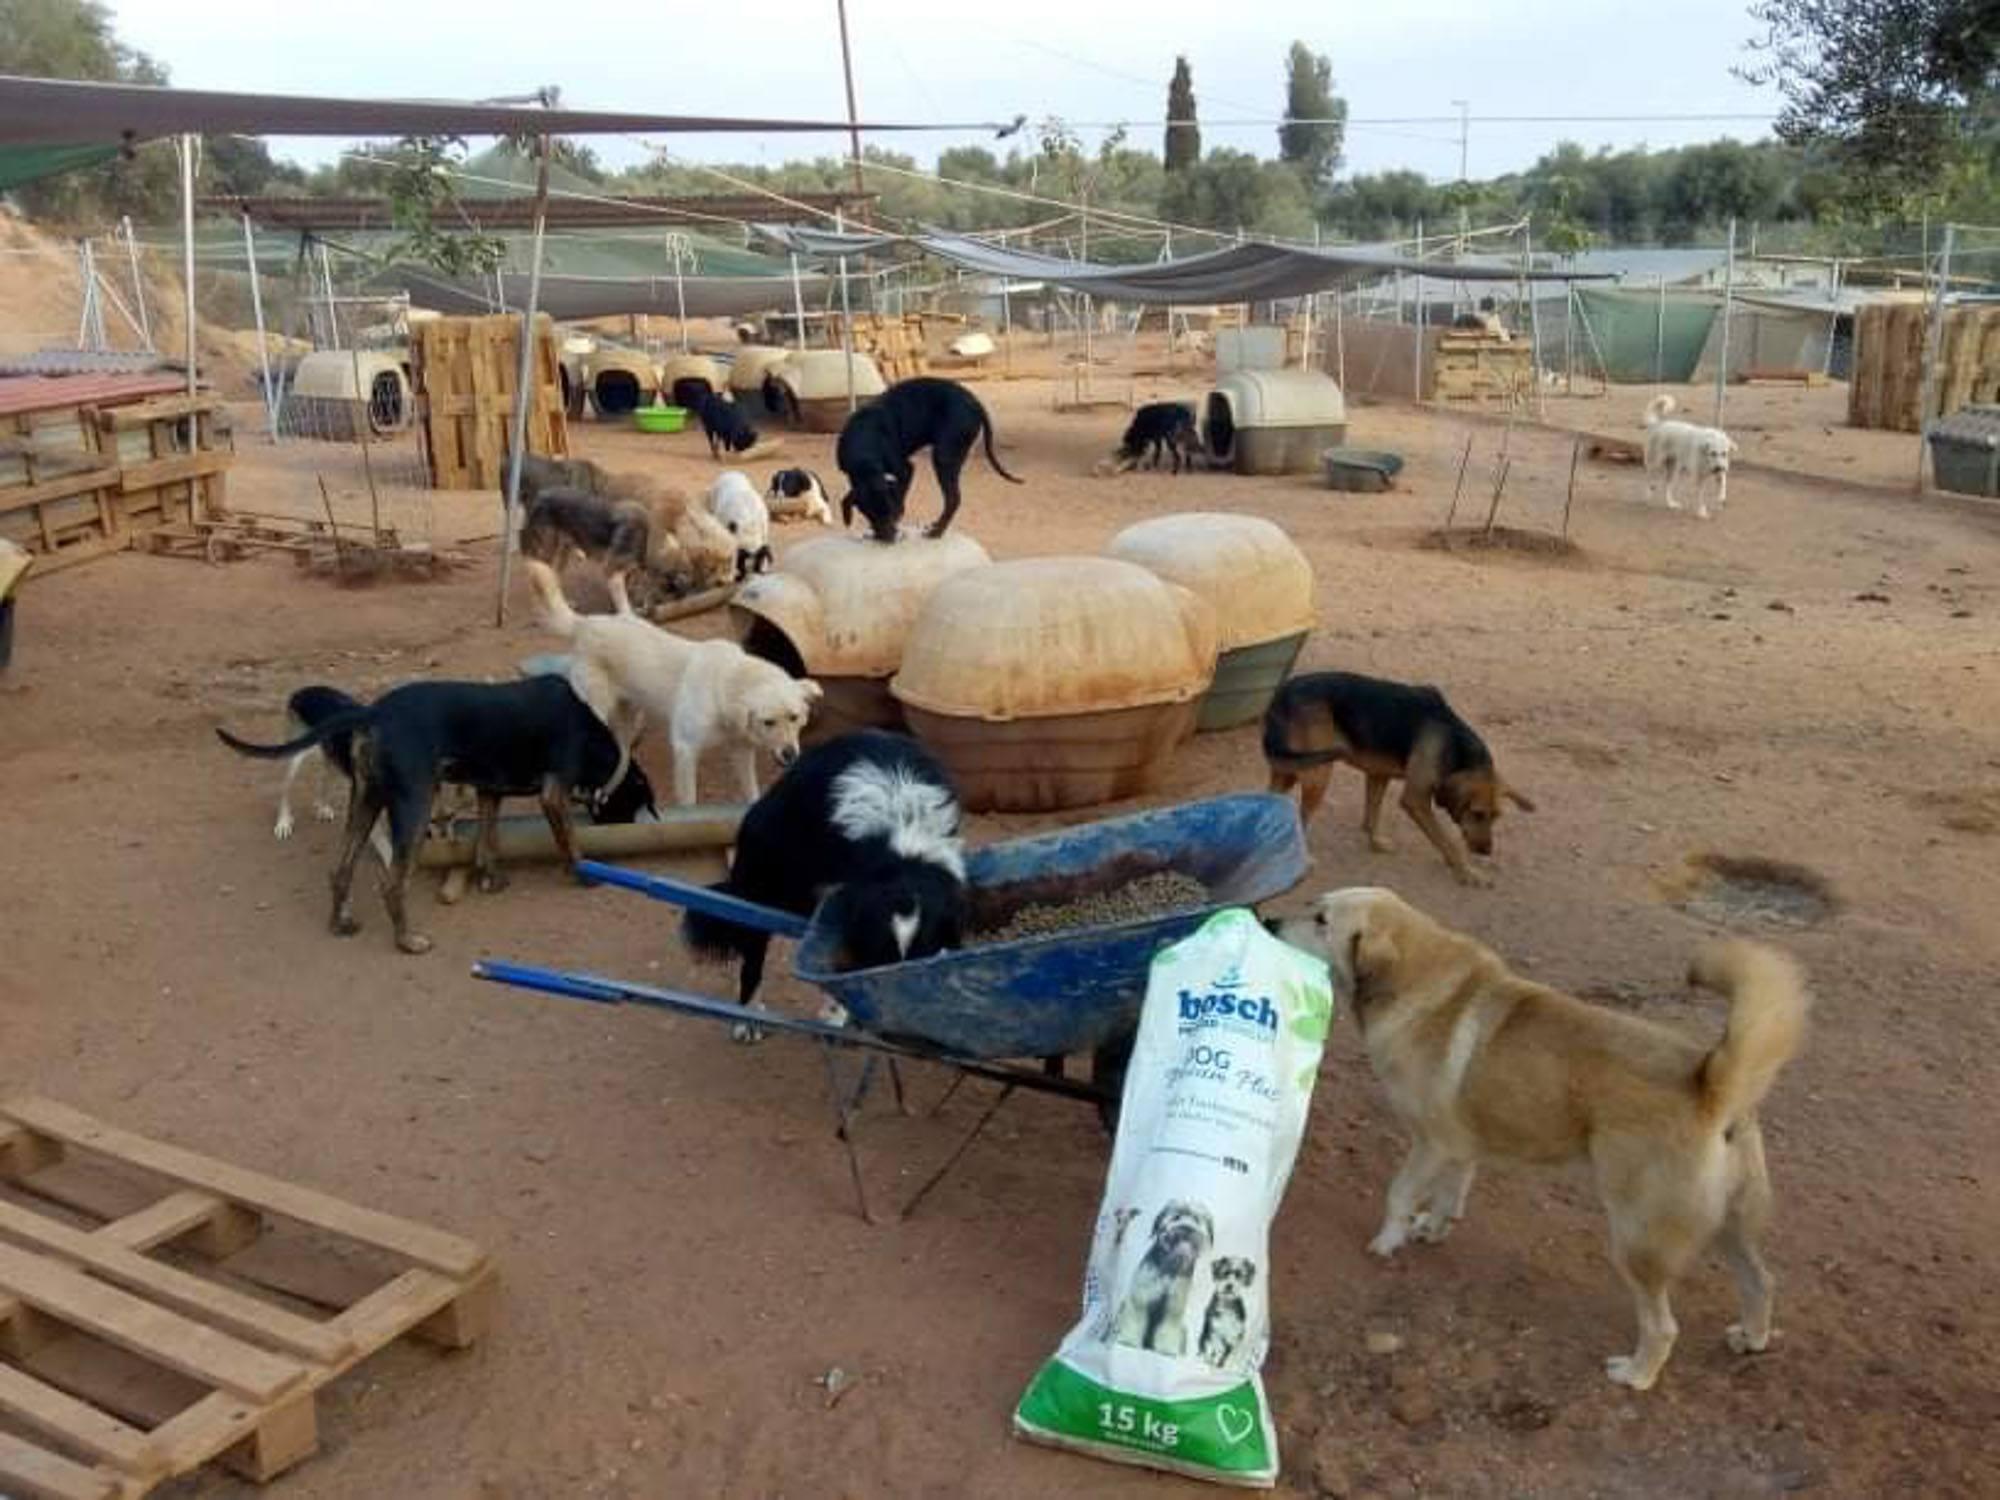 Verein für hilfebedürftige Tiere_SfS21_GR2